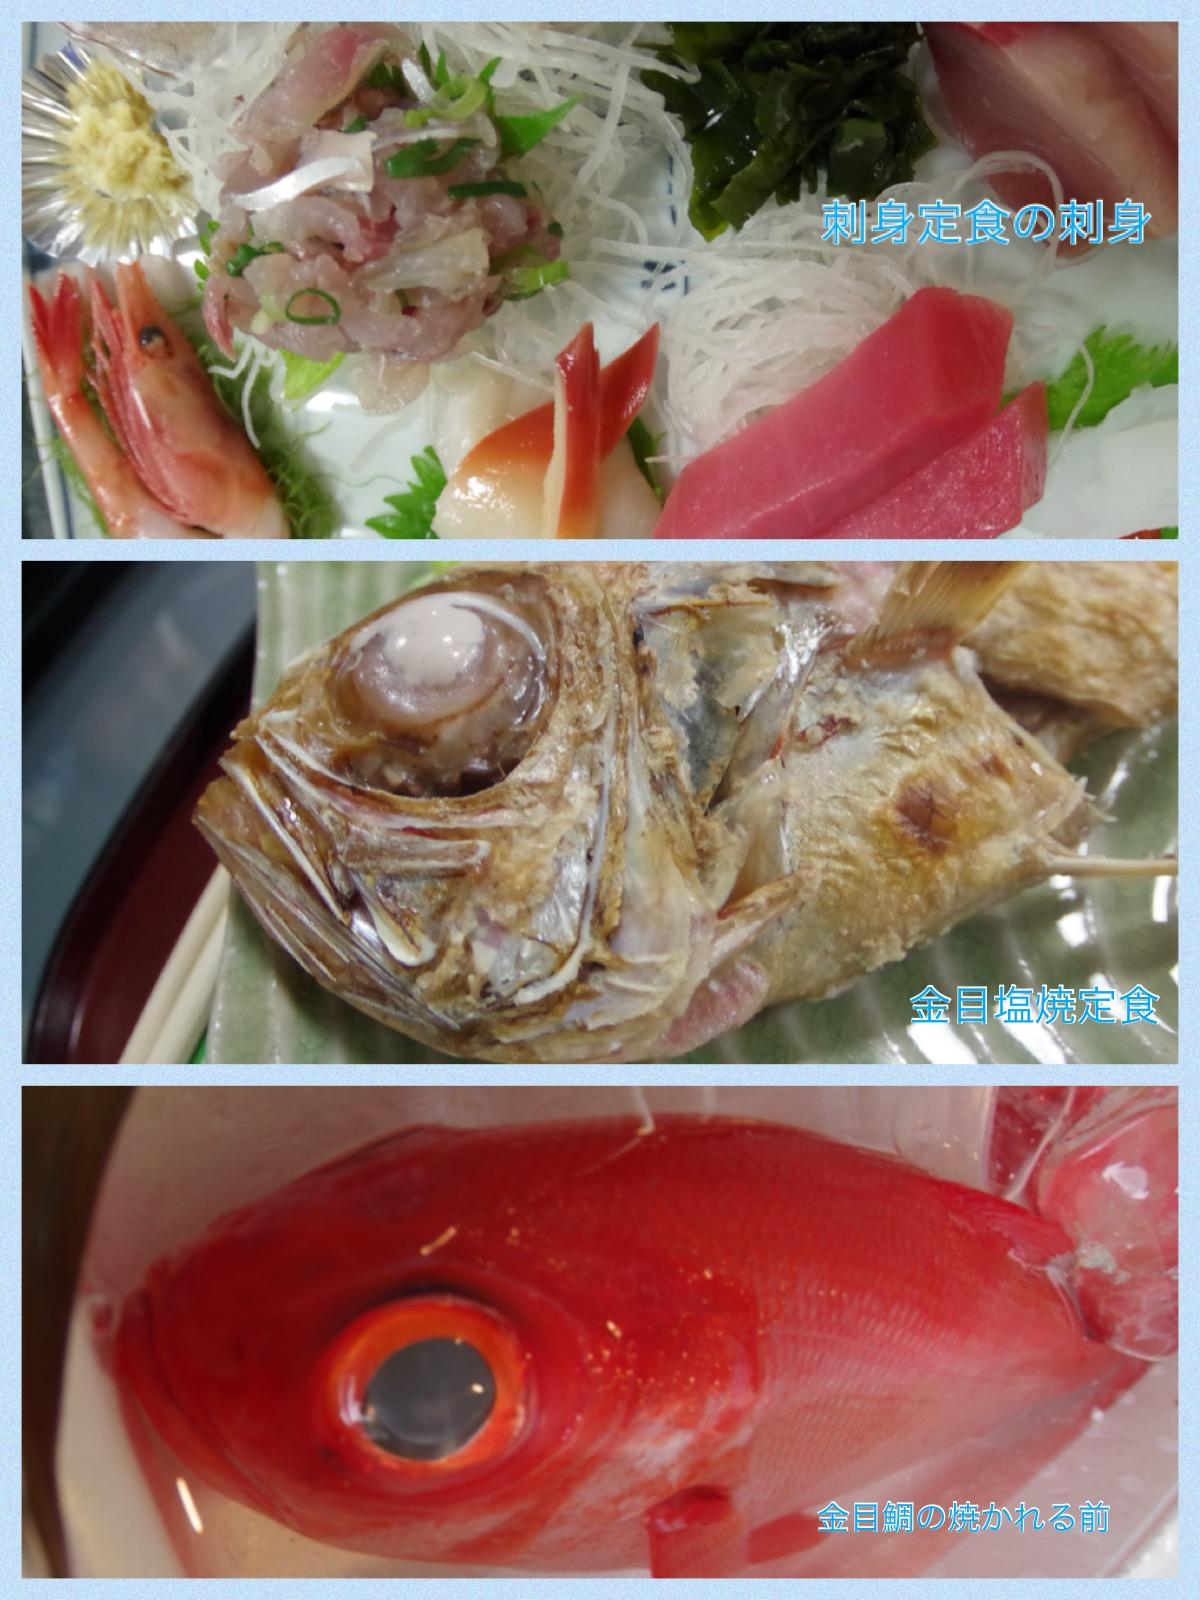 熱海 ひもの 海鮮料理 みやま